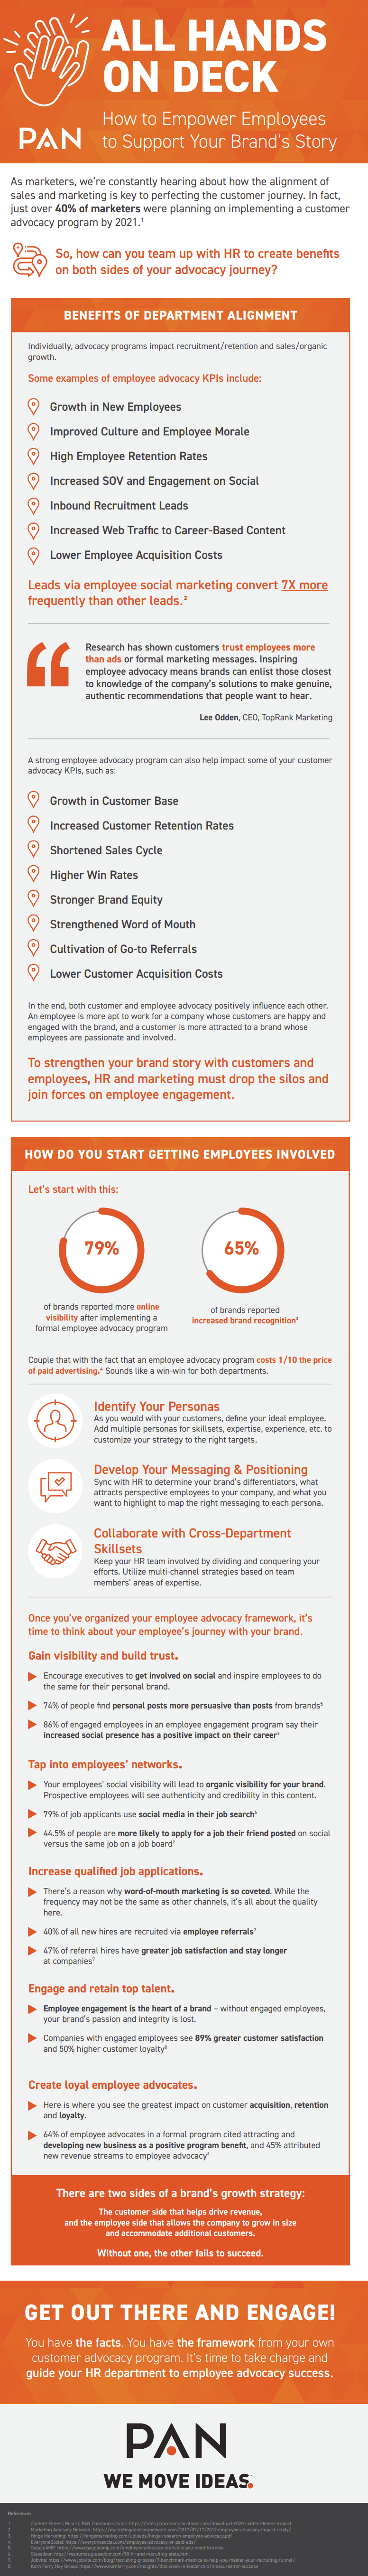 Employee advocacy infographic